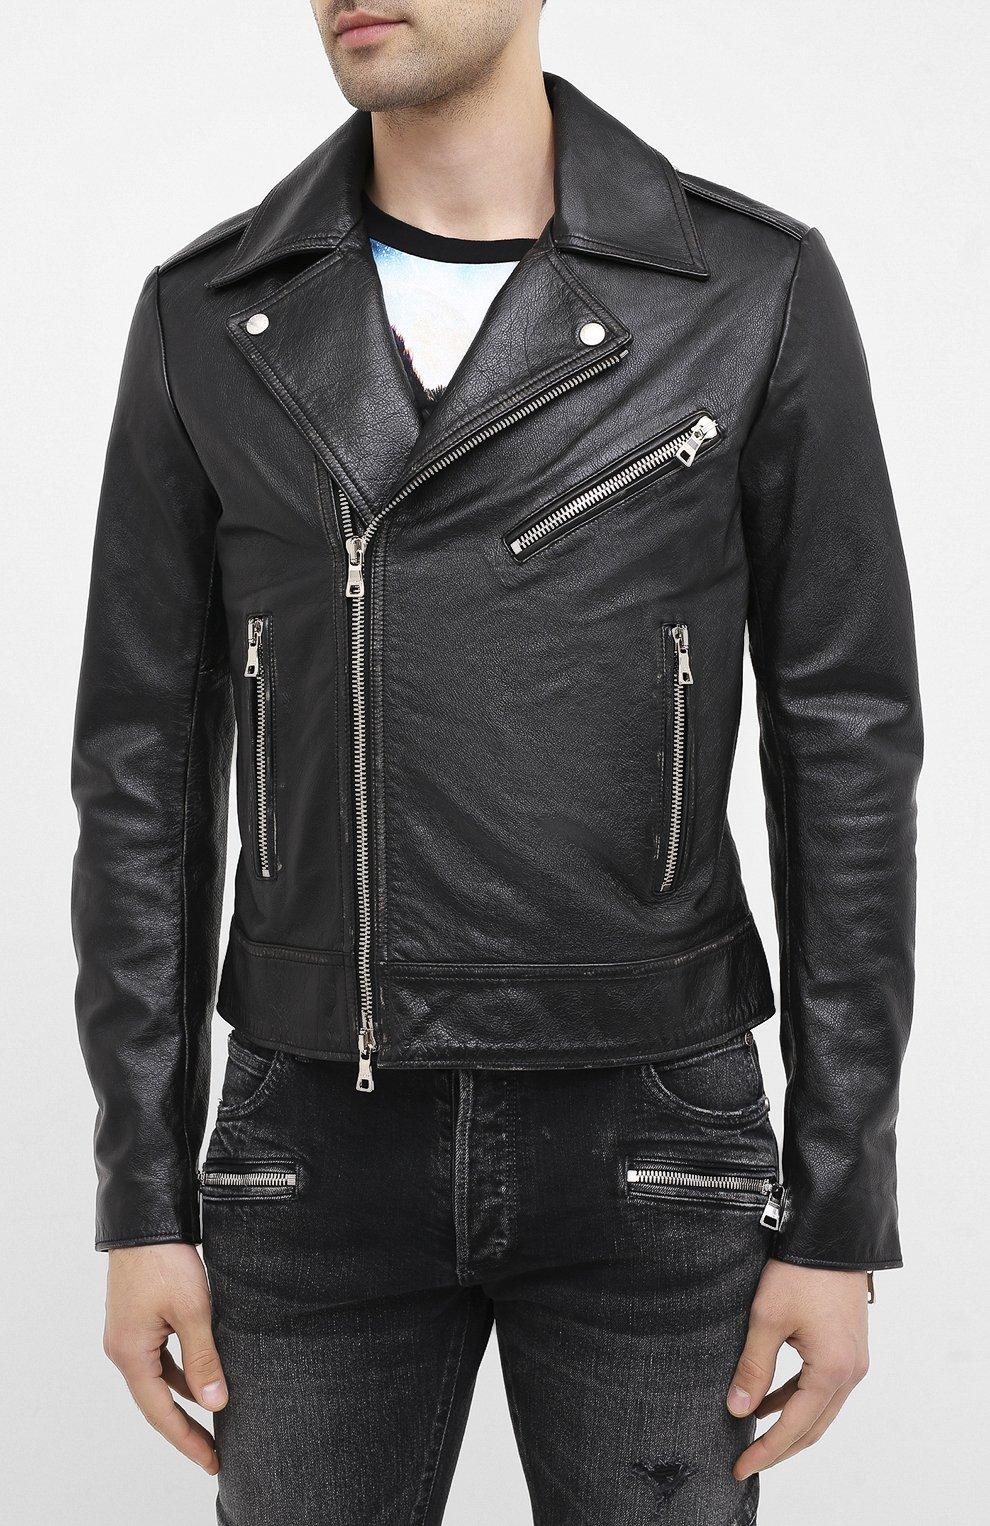 Мужская кожаная куртка BALMAIN черного цвета, арт. UH18137/Z307   Фото 3 (Кросс-КТ: Куртка; Рукава: Длинные; Мужское Кросс-КТ: Верхняя одежда, Кожа и замша; Длина (верхняя одежда): Короткие; Материал подклада: Хлопок)